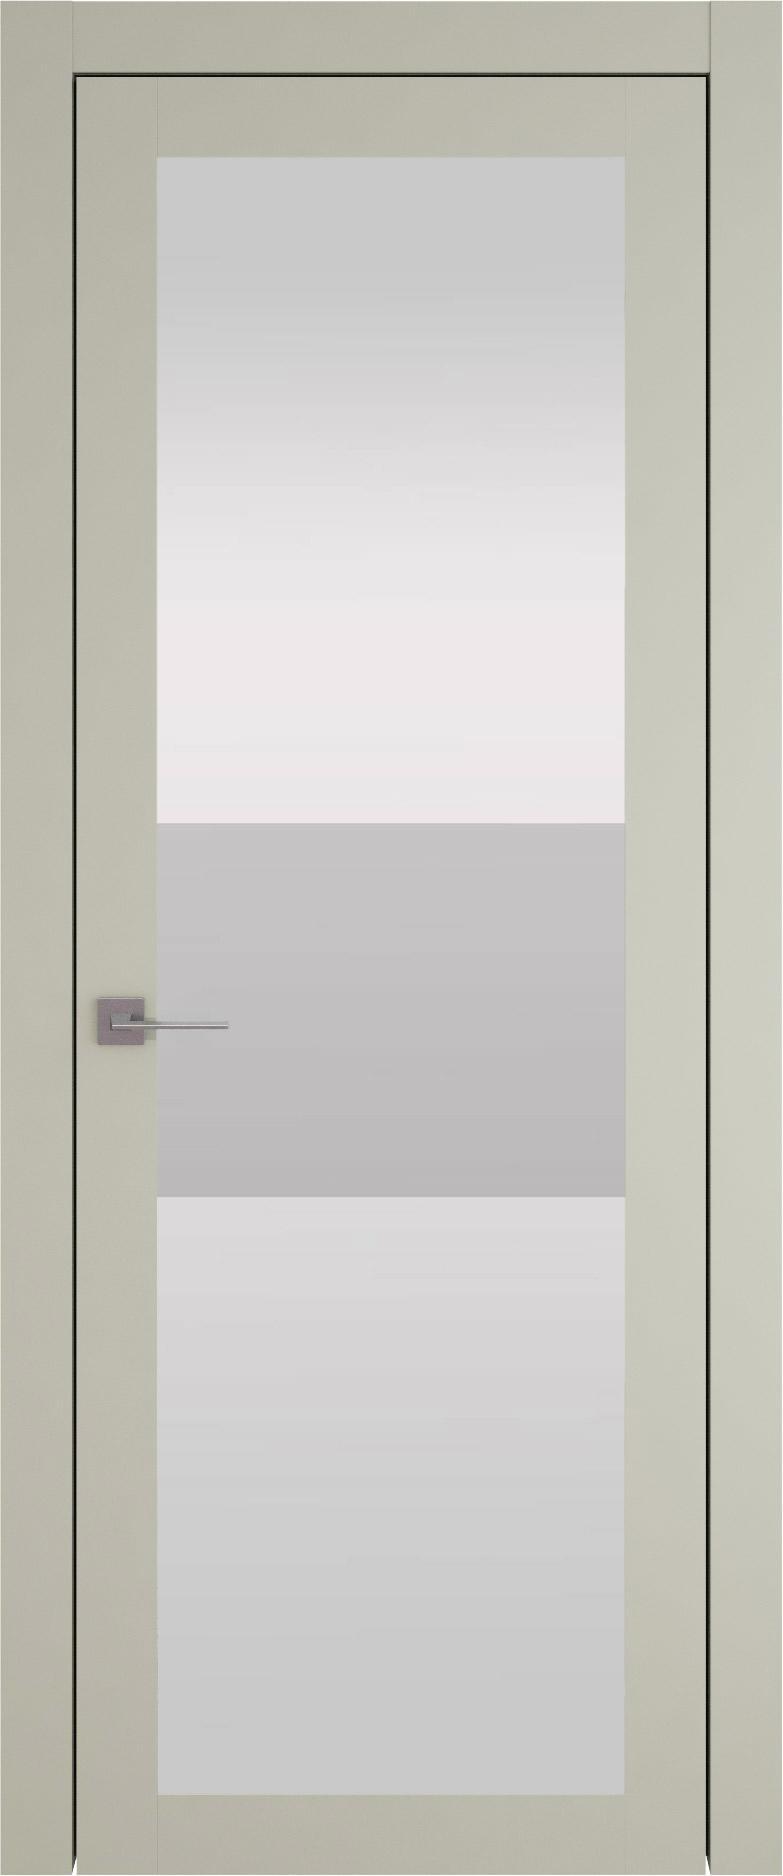 Tivoli З-4 цвет - Серо-оливковая эмаль (RAL 7032) Со стеклом (ДО)